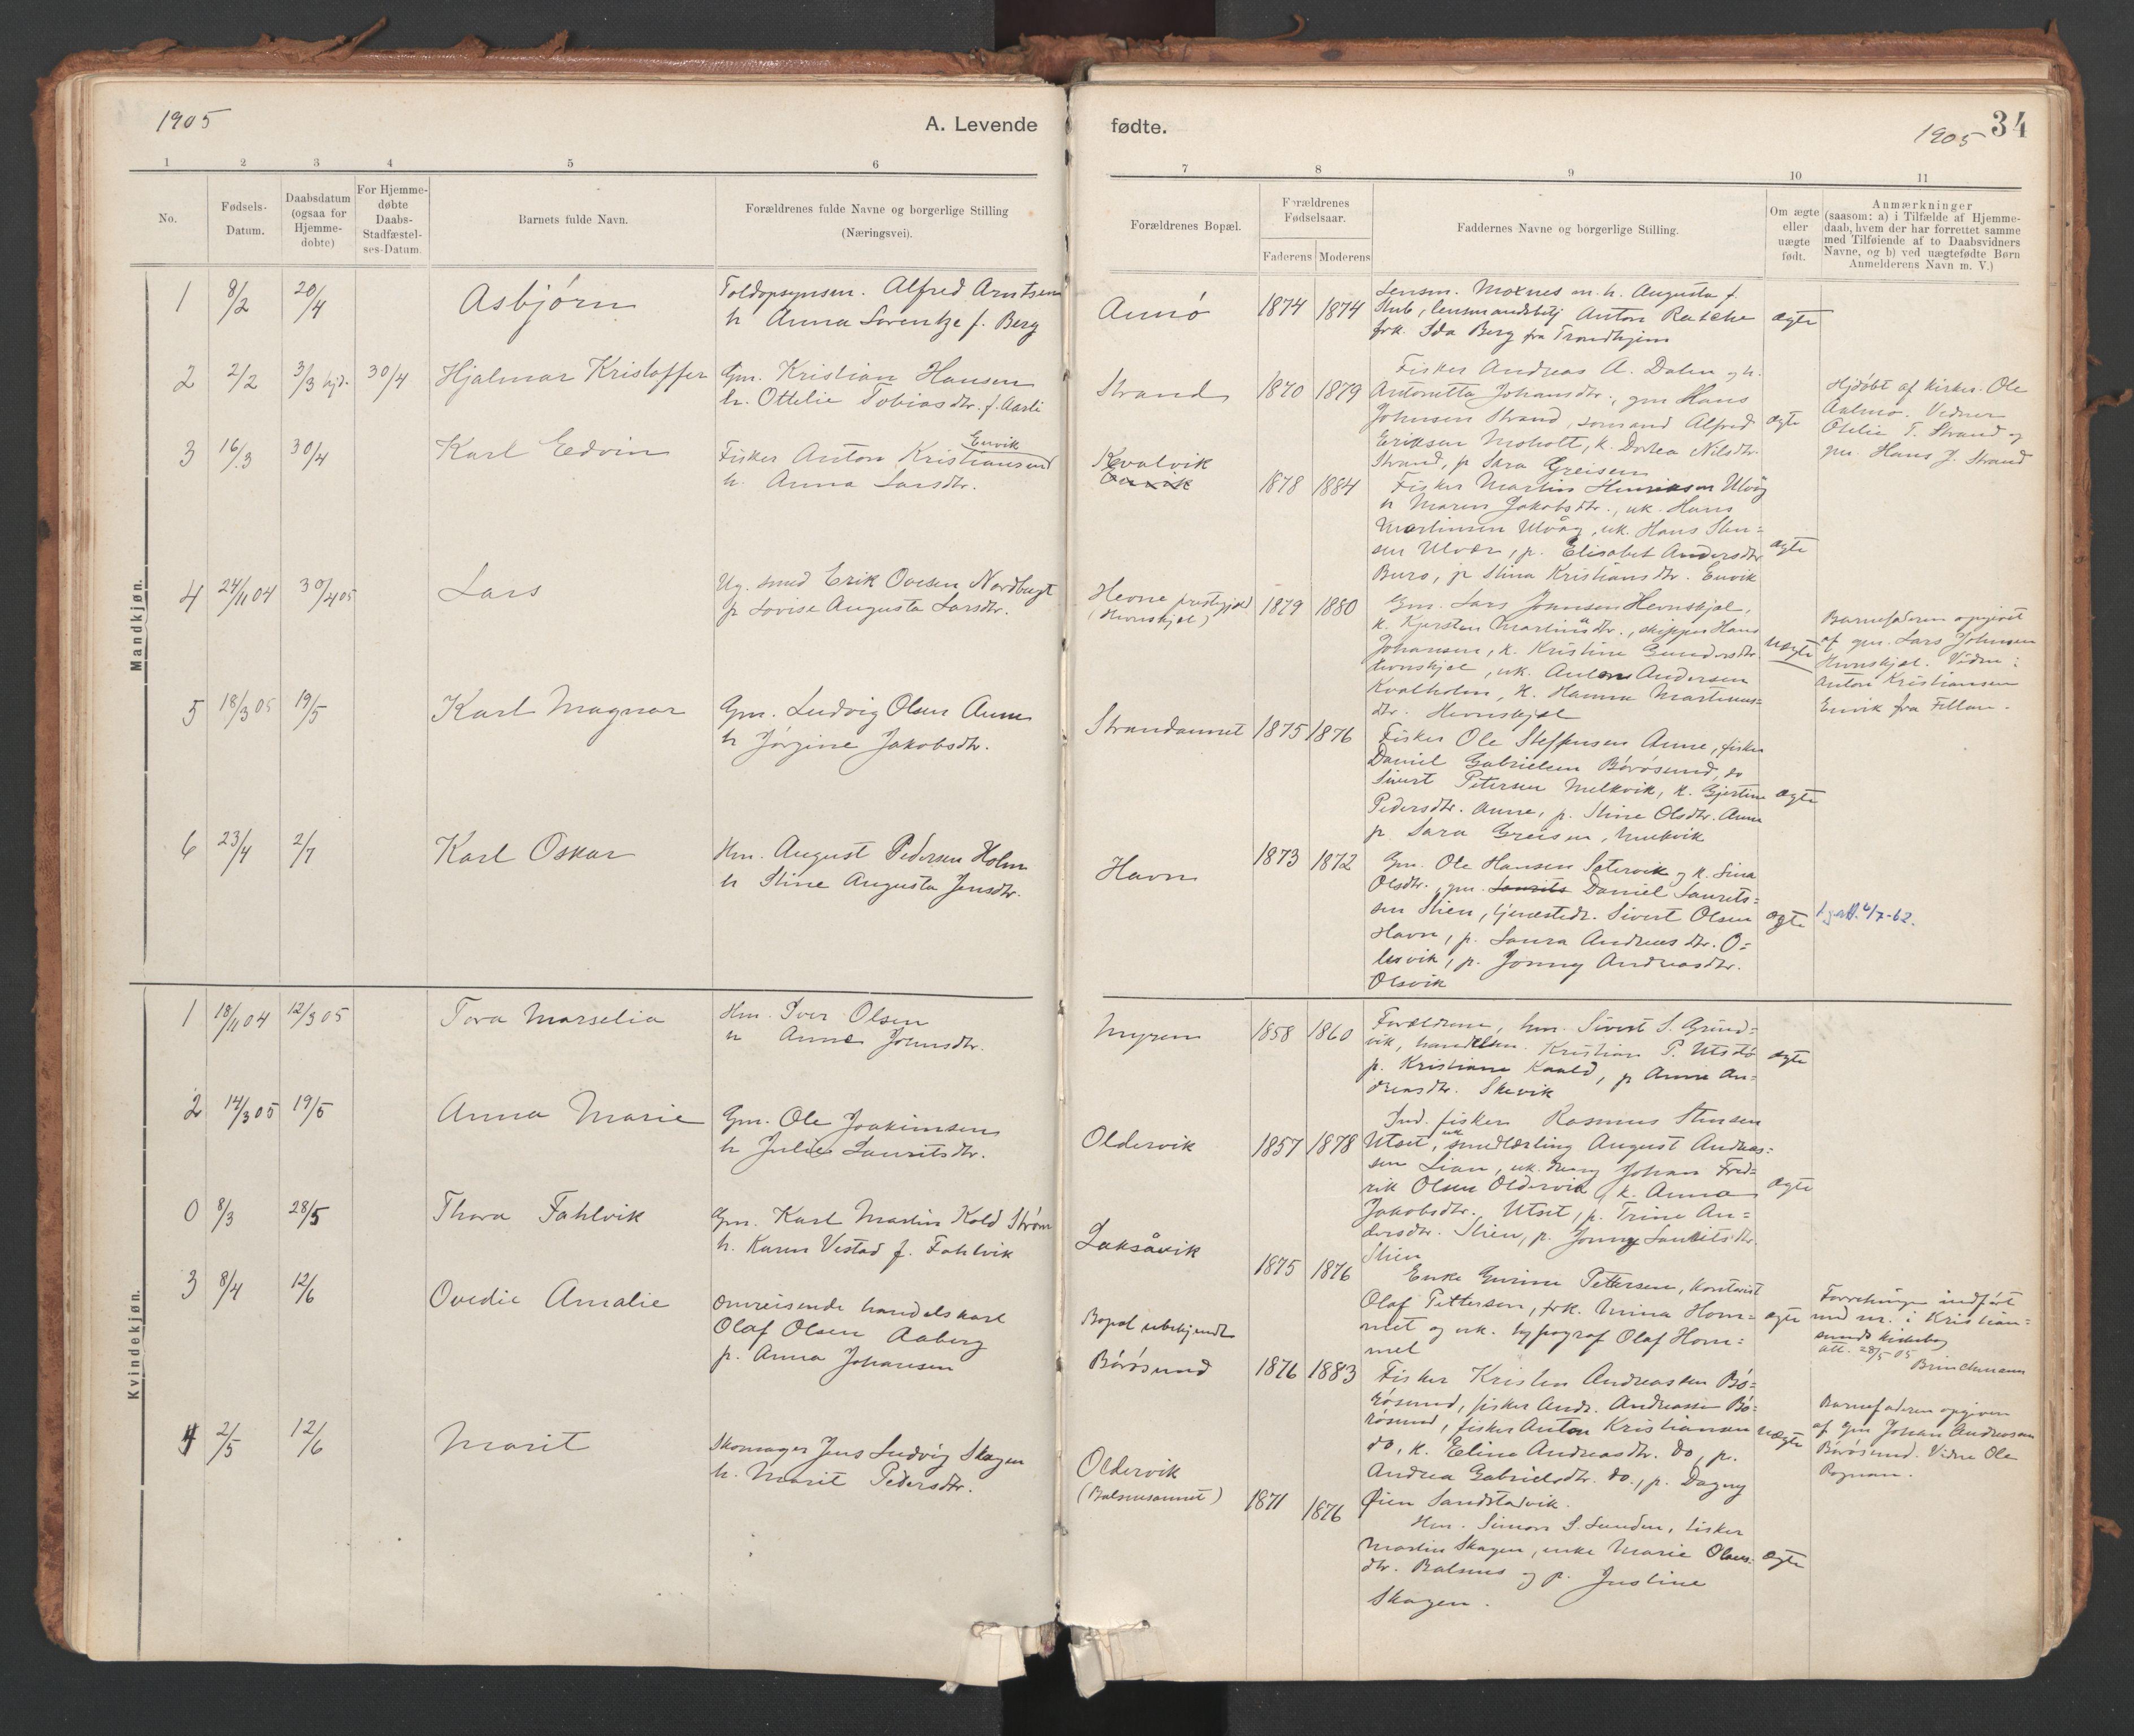 SAT, Ministerialprotokoller, klokkerbøker og fødselsregistre - Sør-Trøndelag, 639/L0572: Ministerialbok nr. 639A01, 1890-1920, s. 34